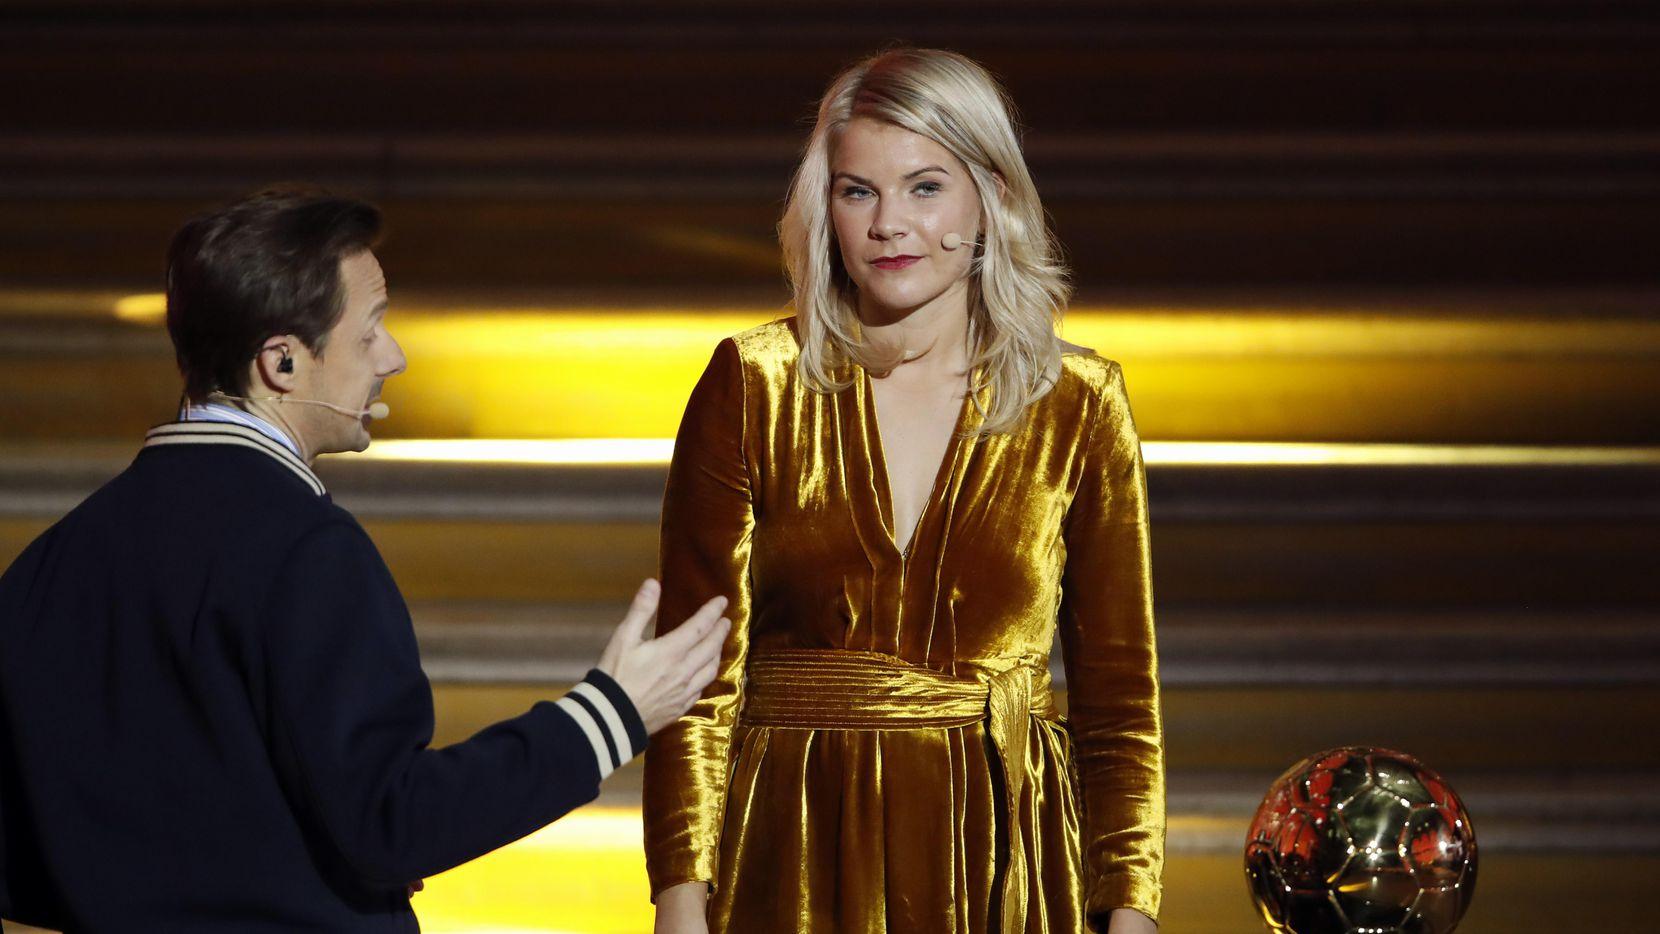 El DJ francés Martin Solveig le preguntó a Ada Hegerberg si le gusta perrear en la ceremonia de entrega del Ballon d'Or. (AP/Christophe Ena)